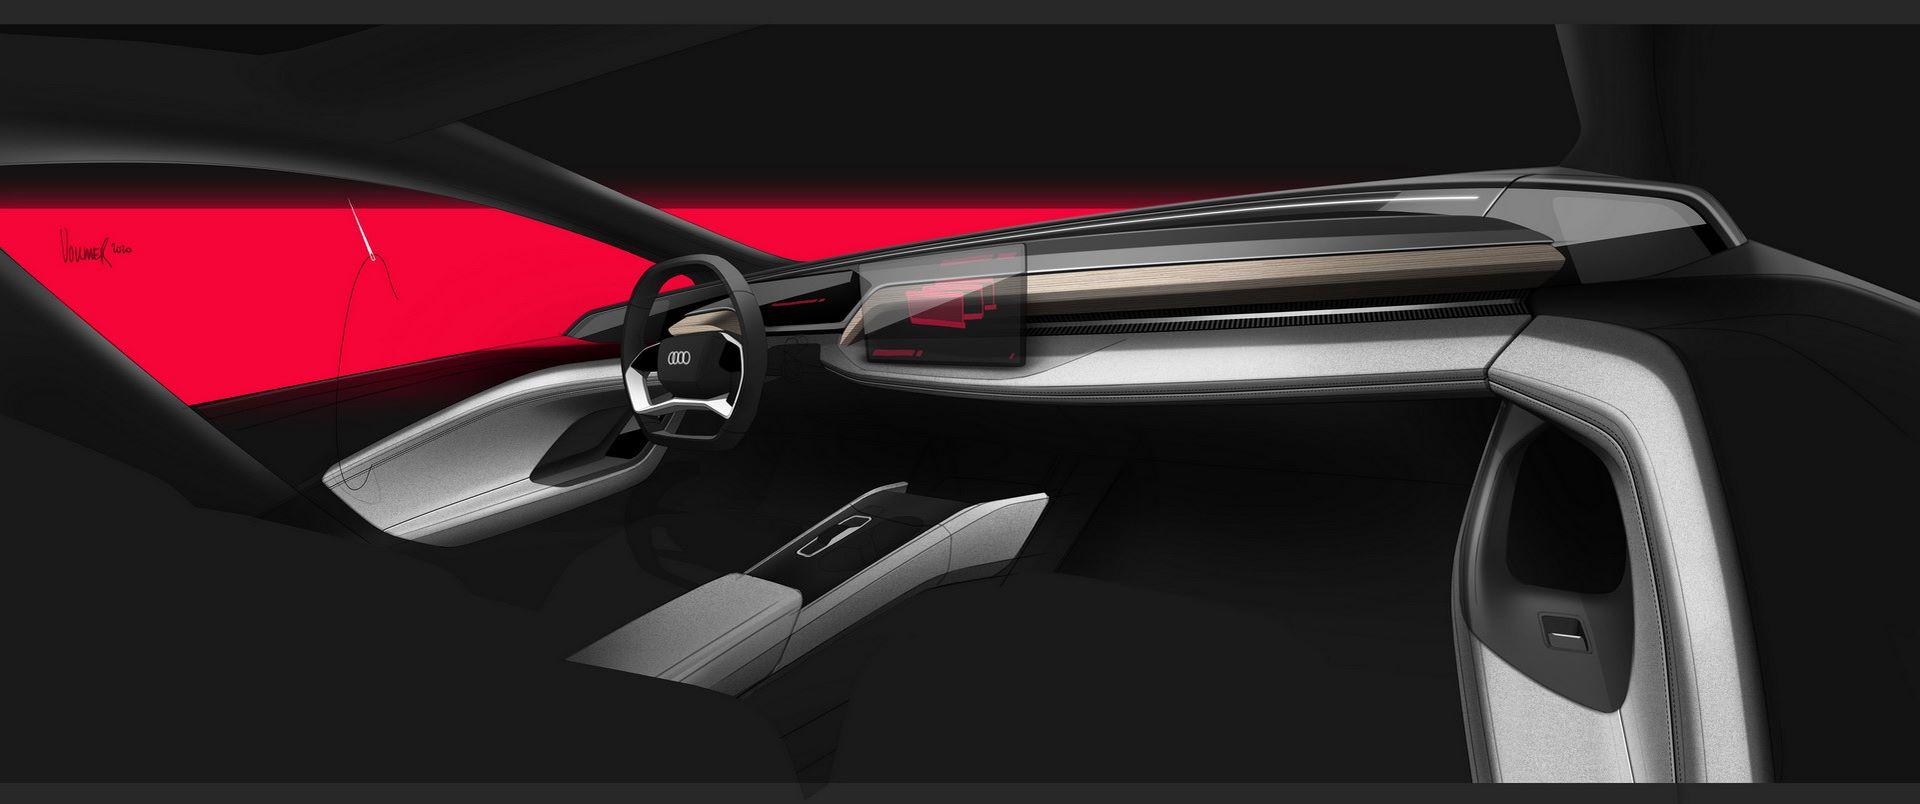 Audi-A6-e-tron-concept-49